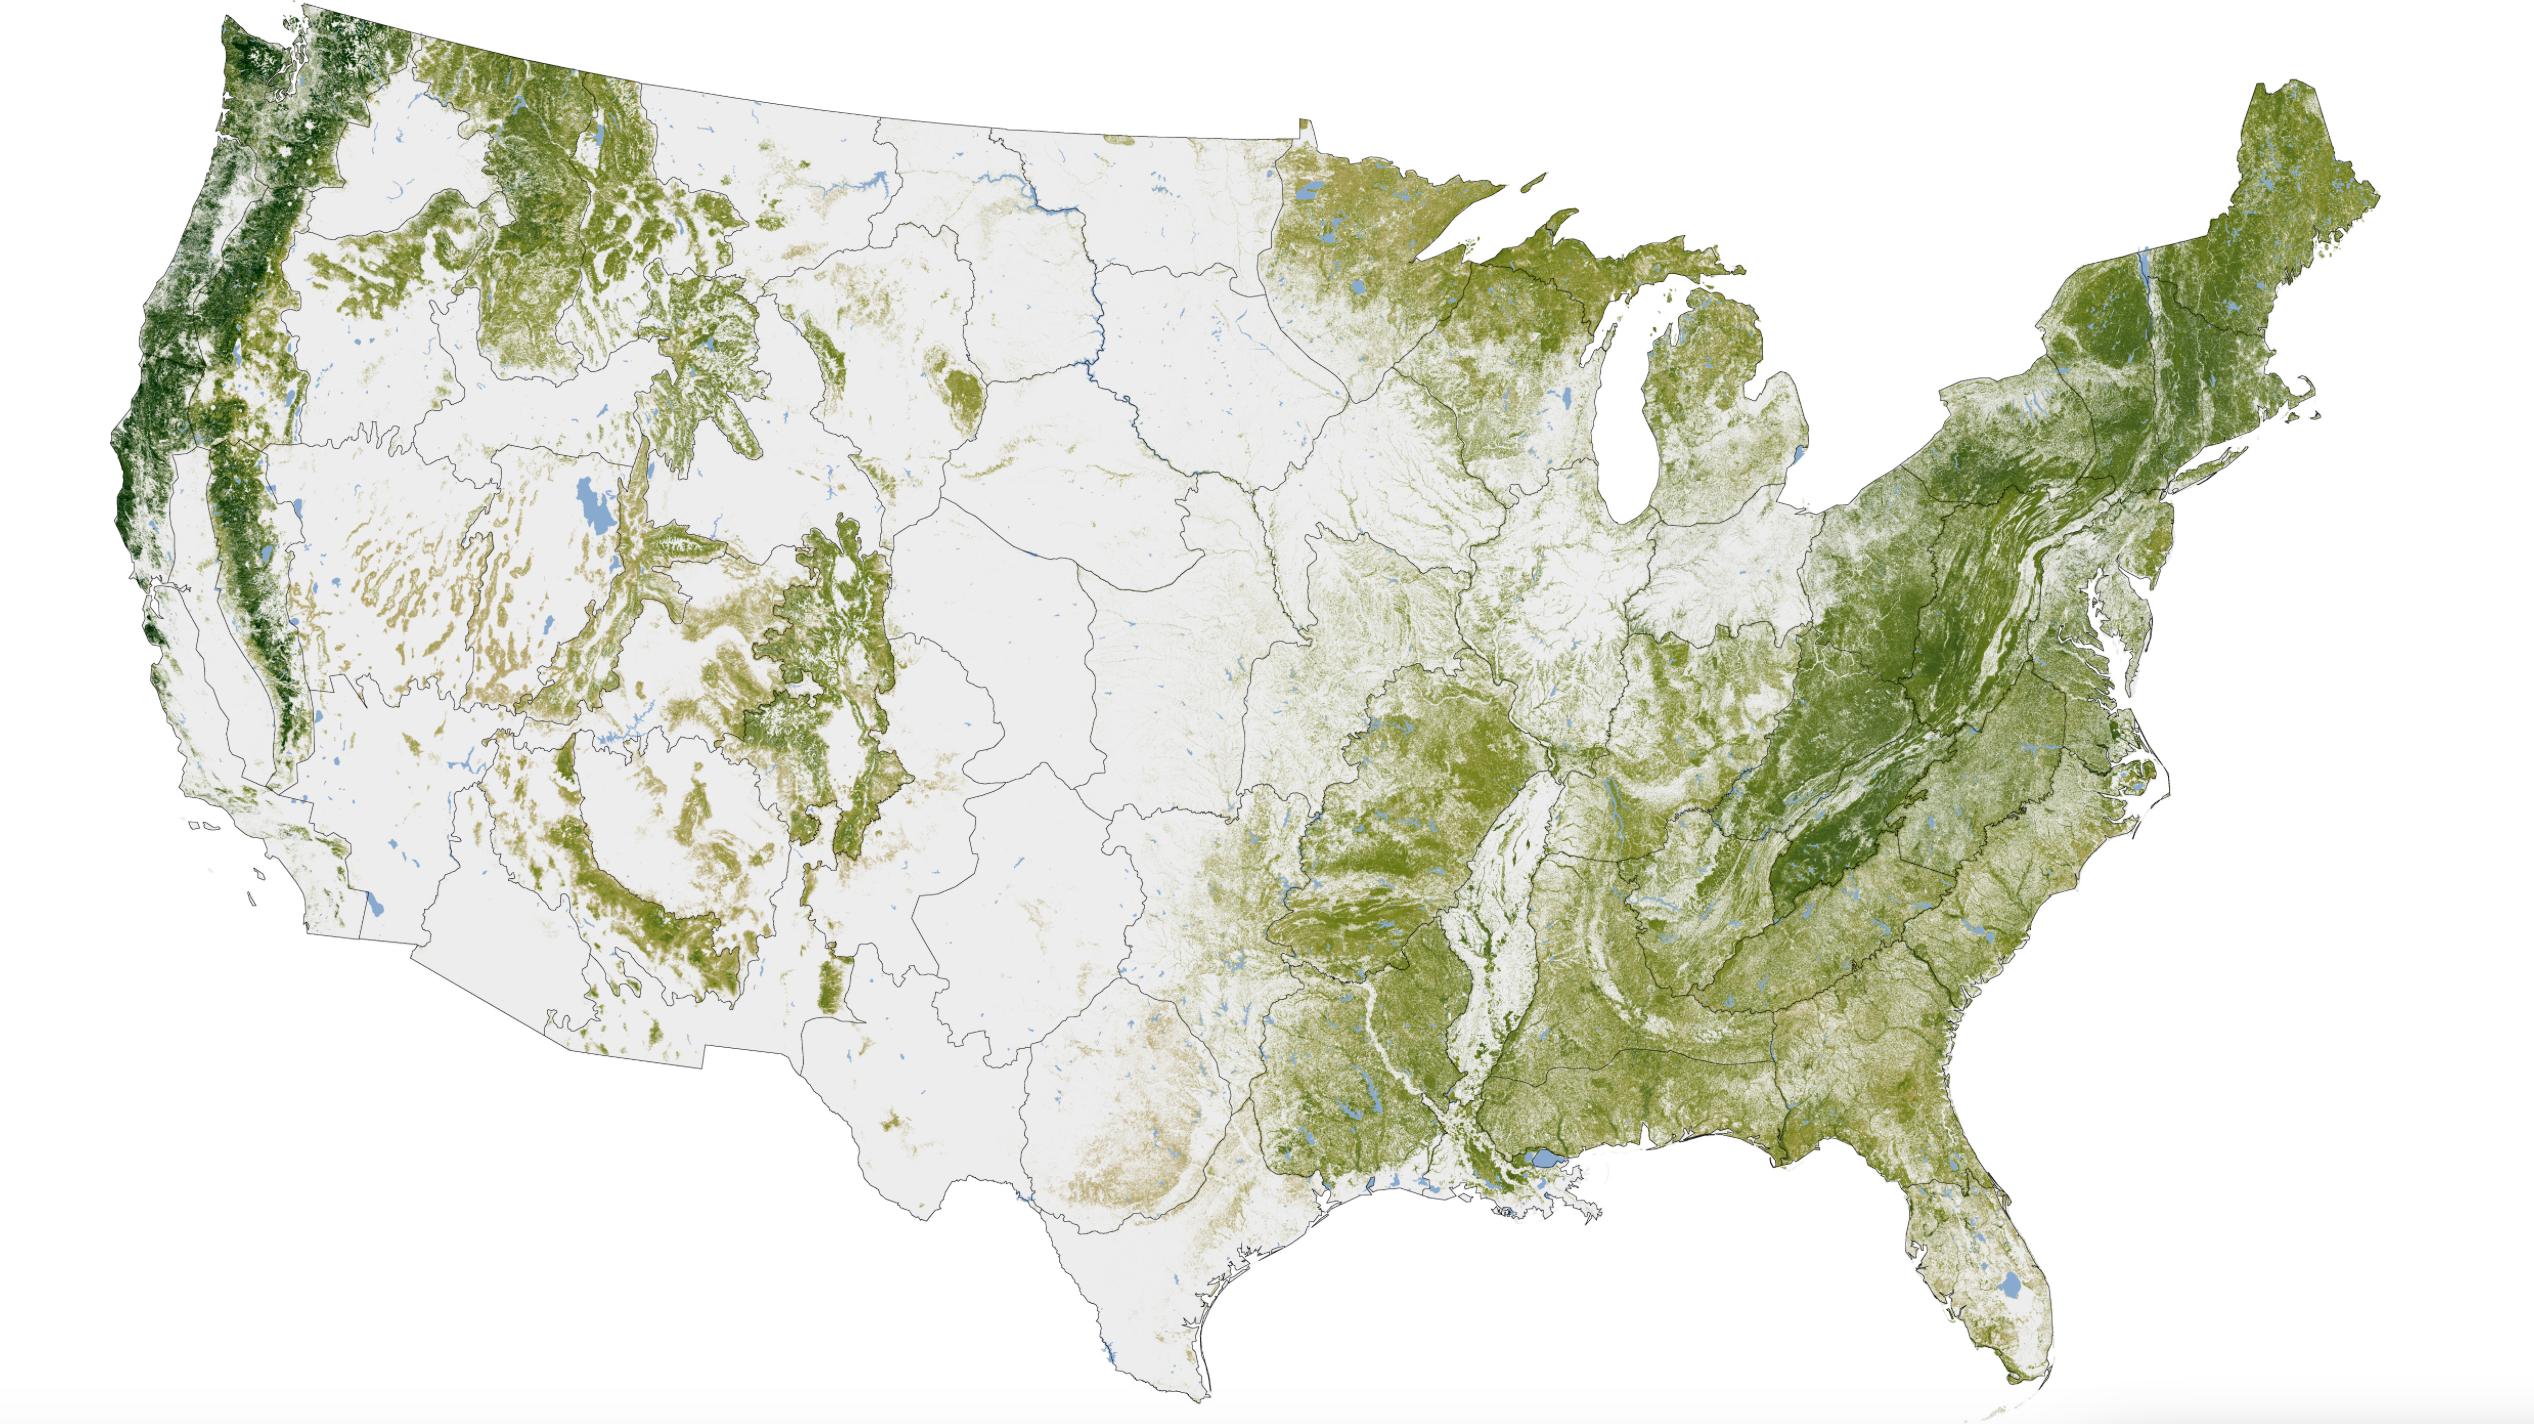 Woody Biomass from NASA 1999-2002